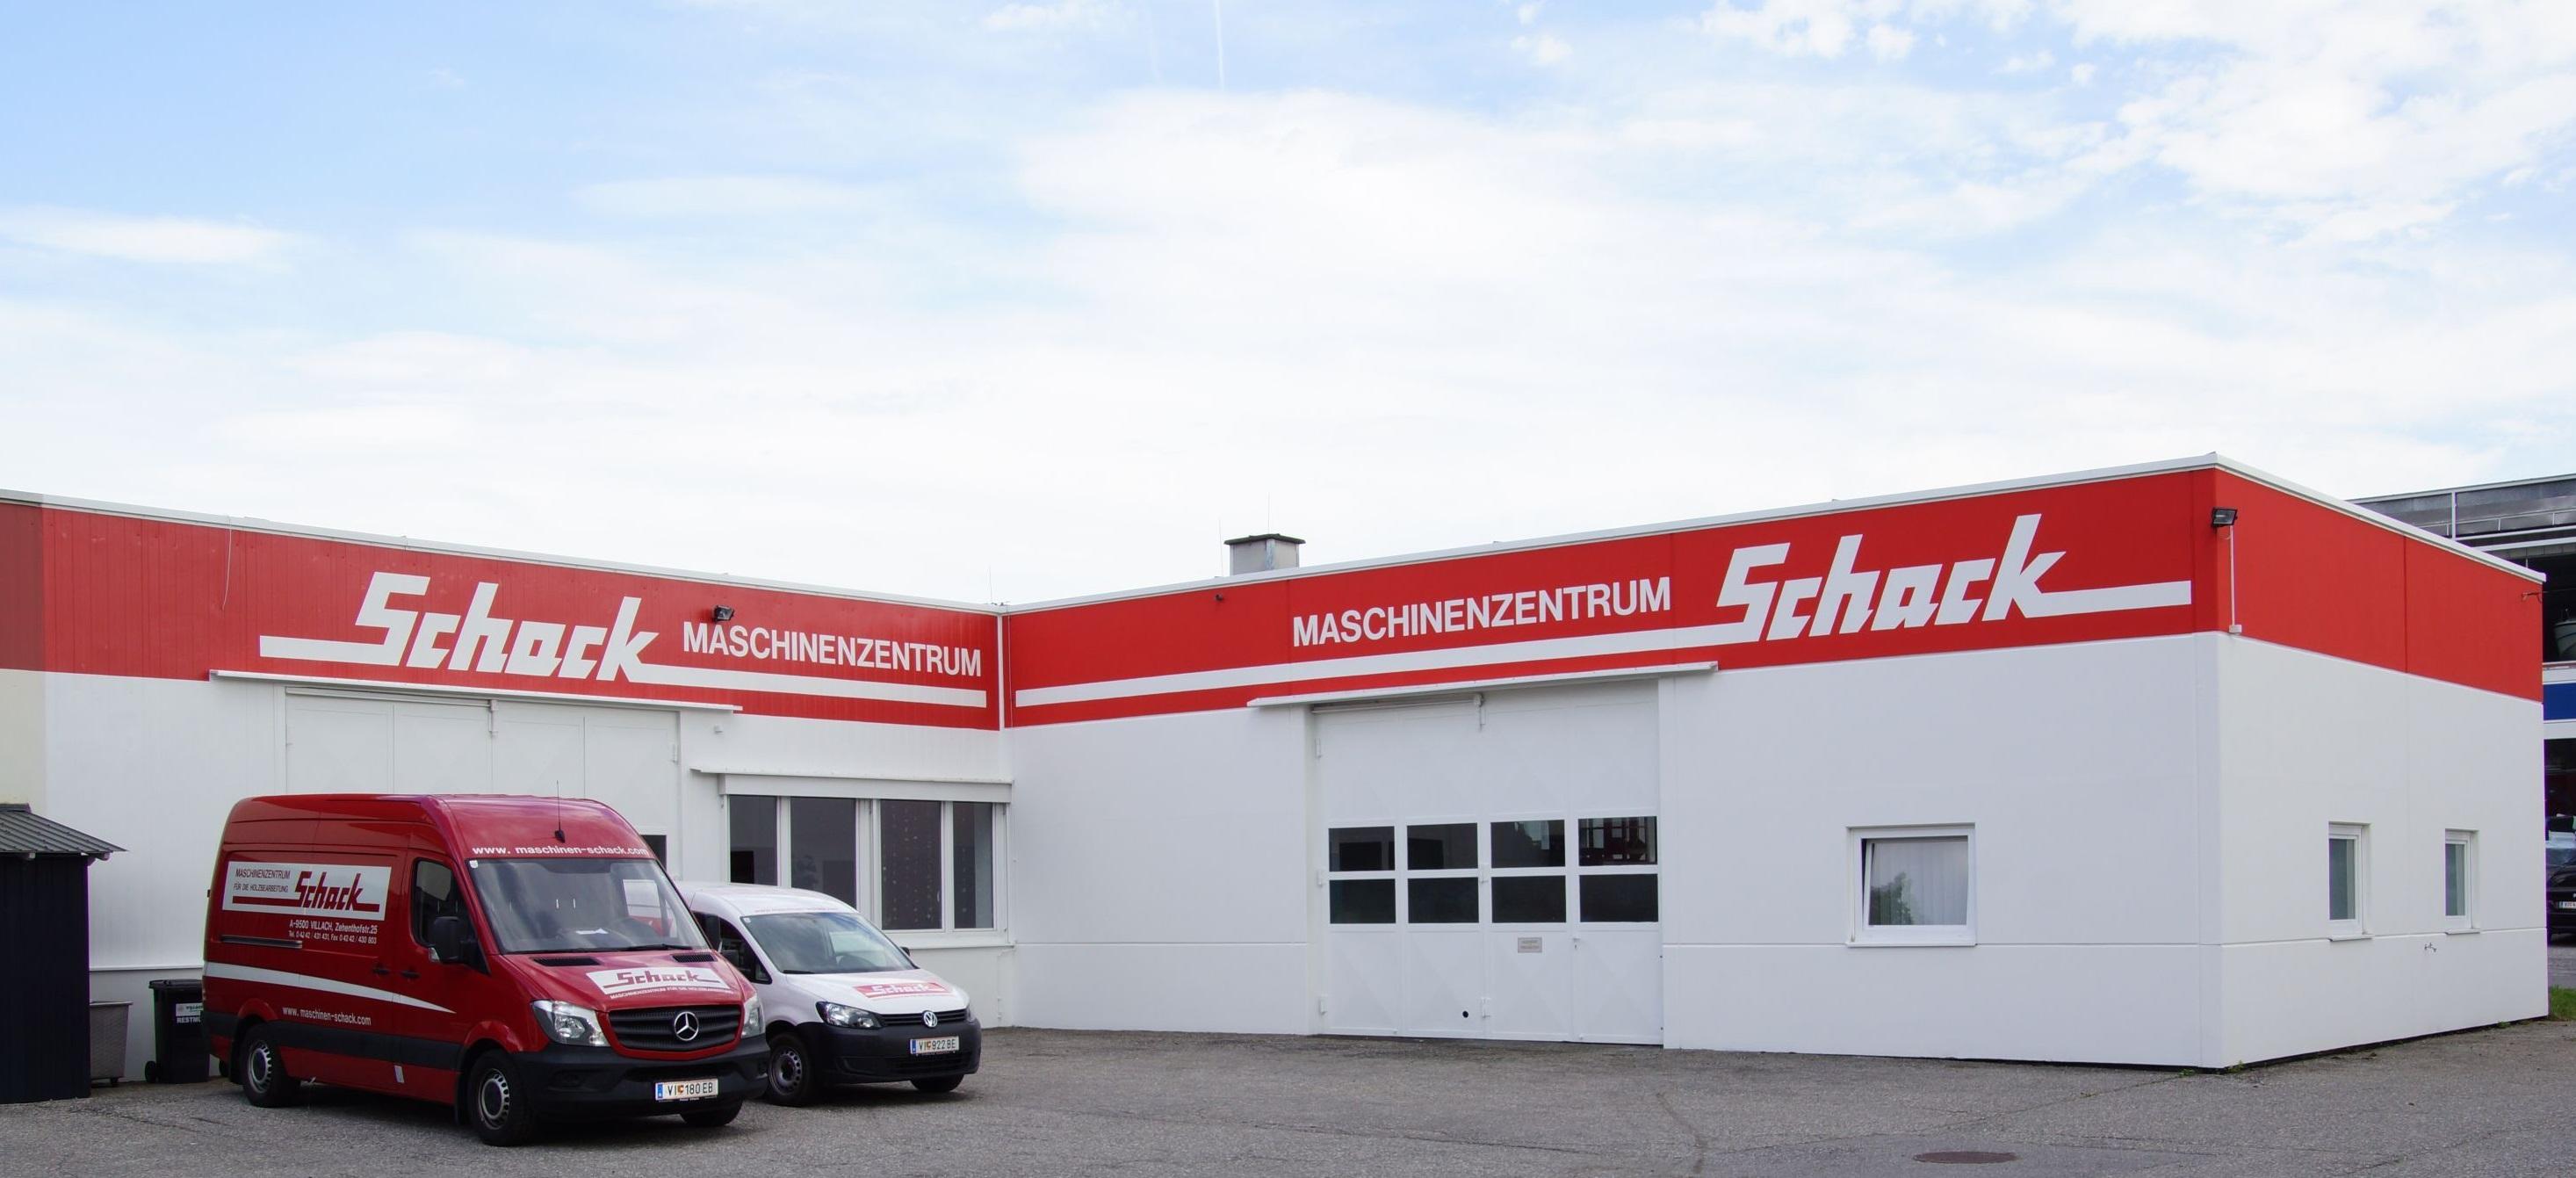 Prächtig Maschinenzentrum Schack – Maschinen für die Holzbearbeitung &JW_24